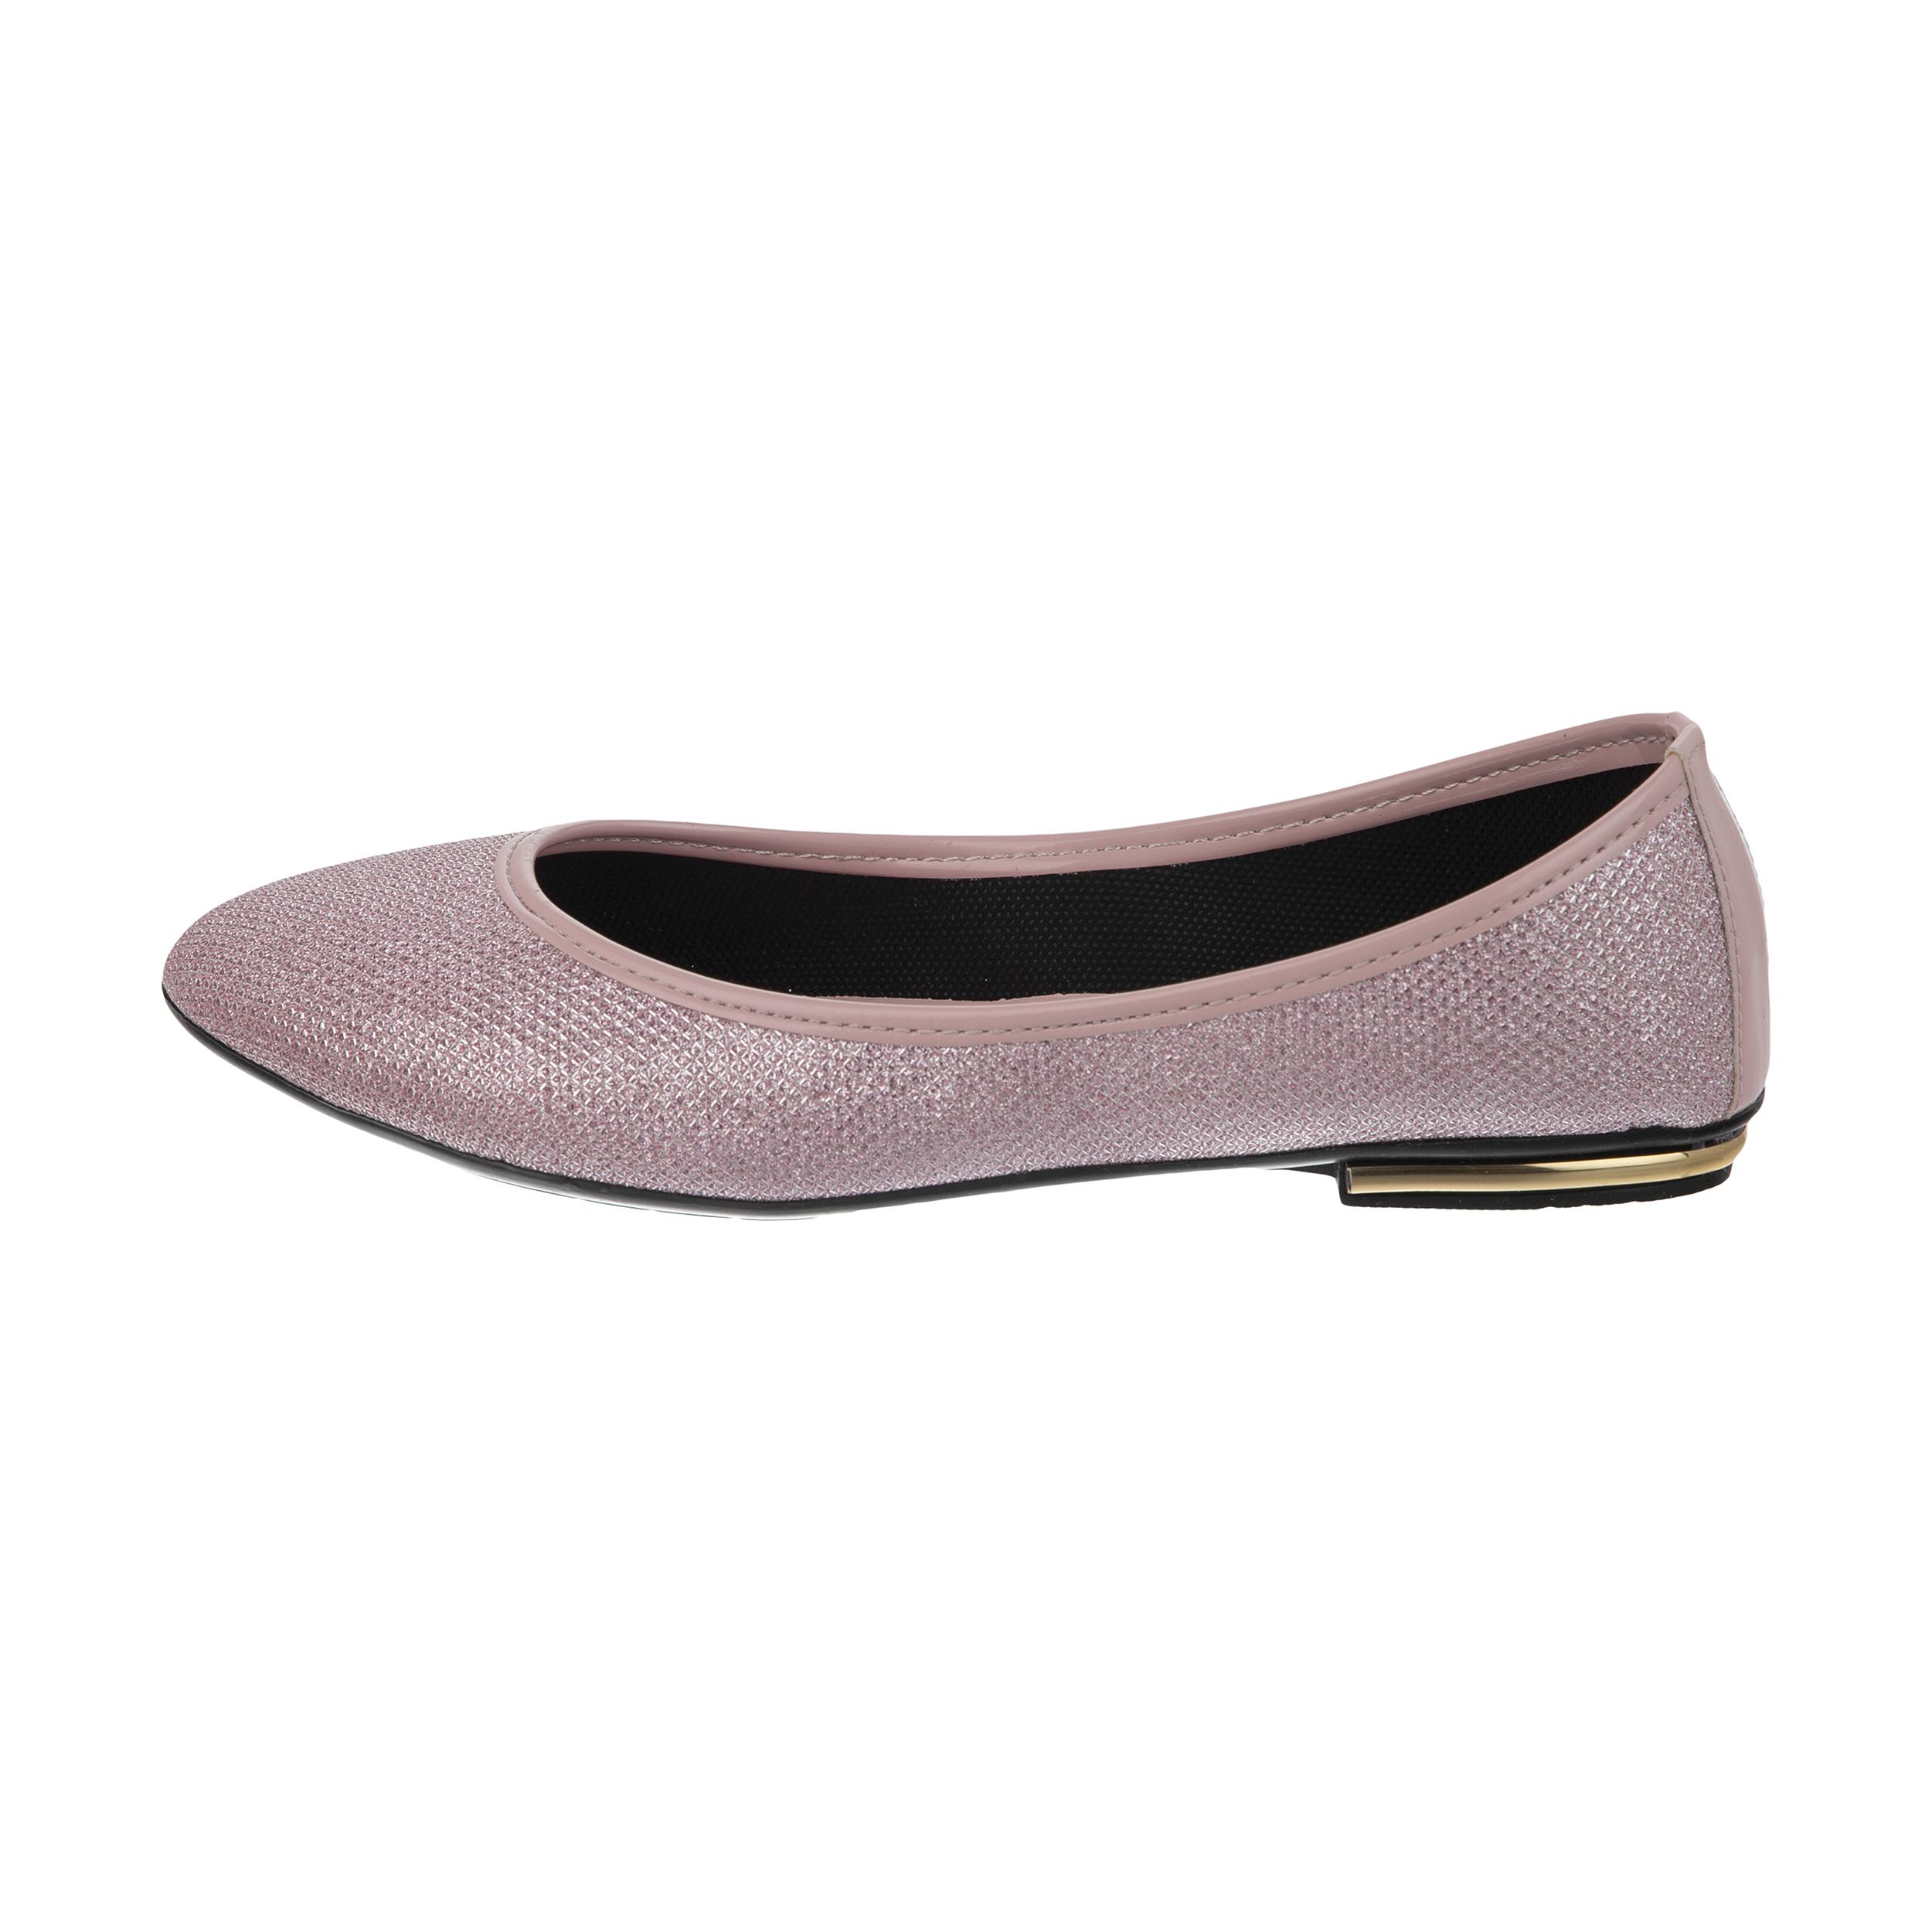 کفش زنانه لبتو مدل 1013-84